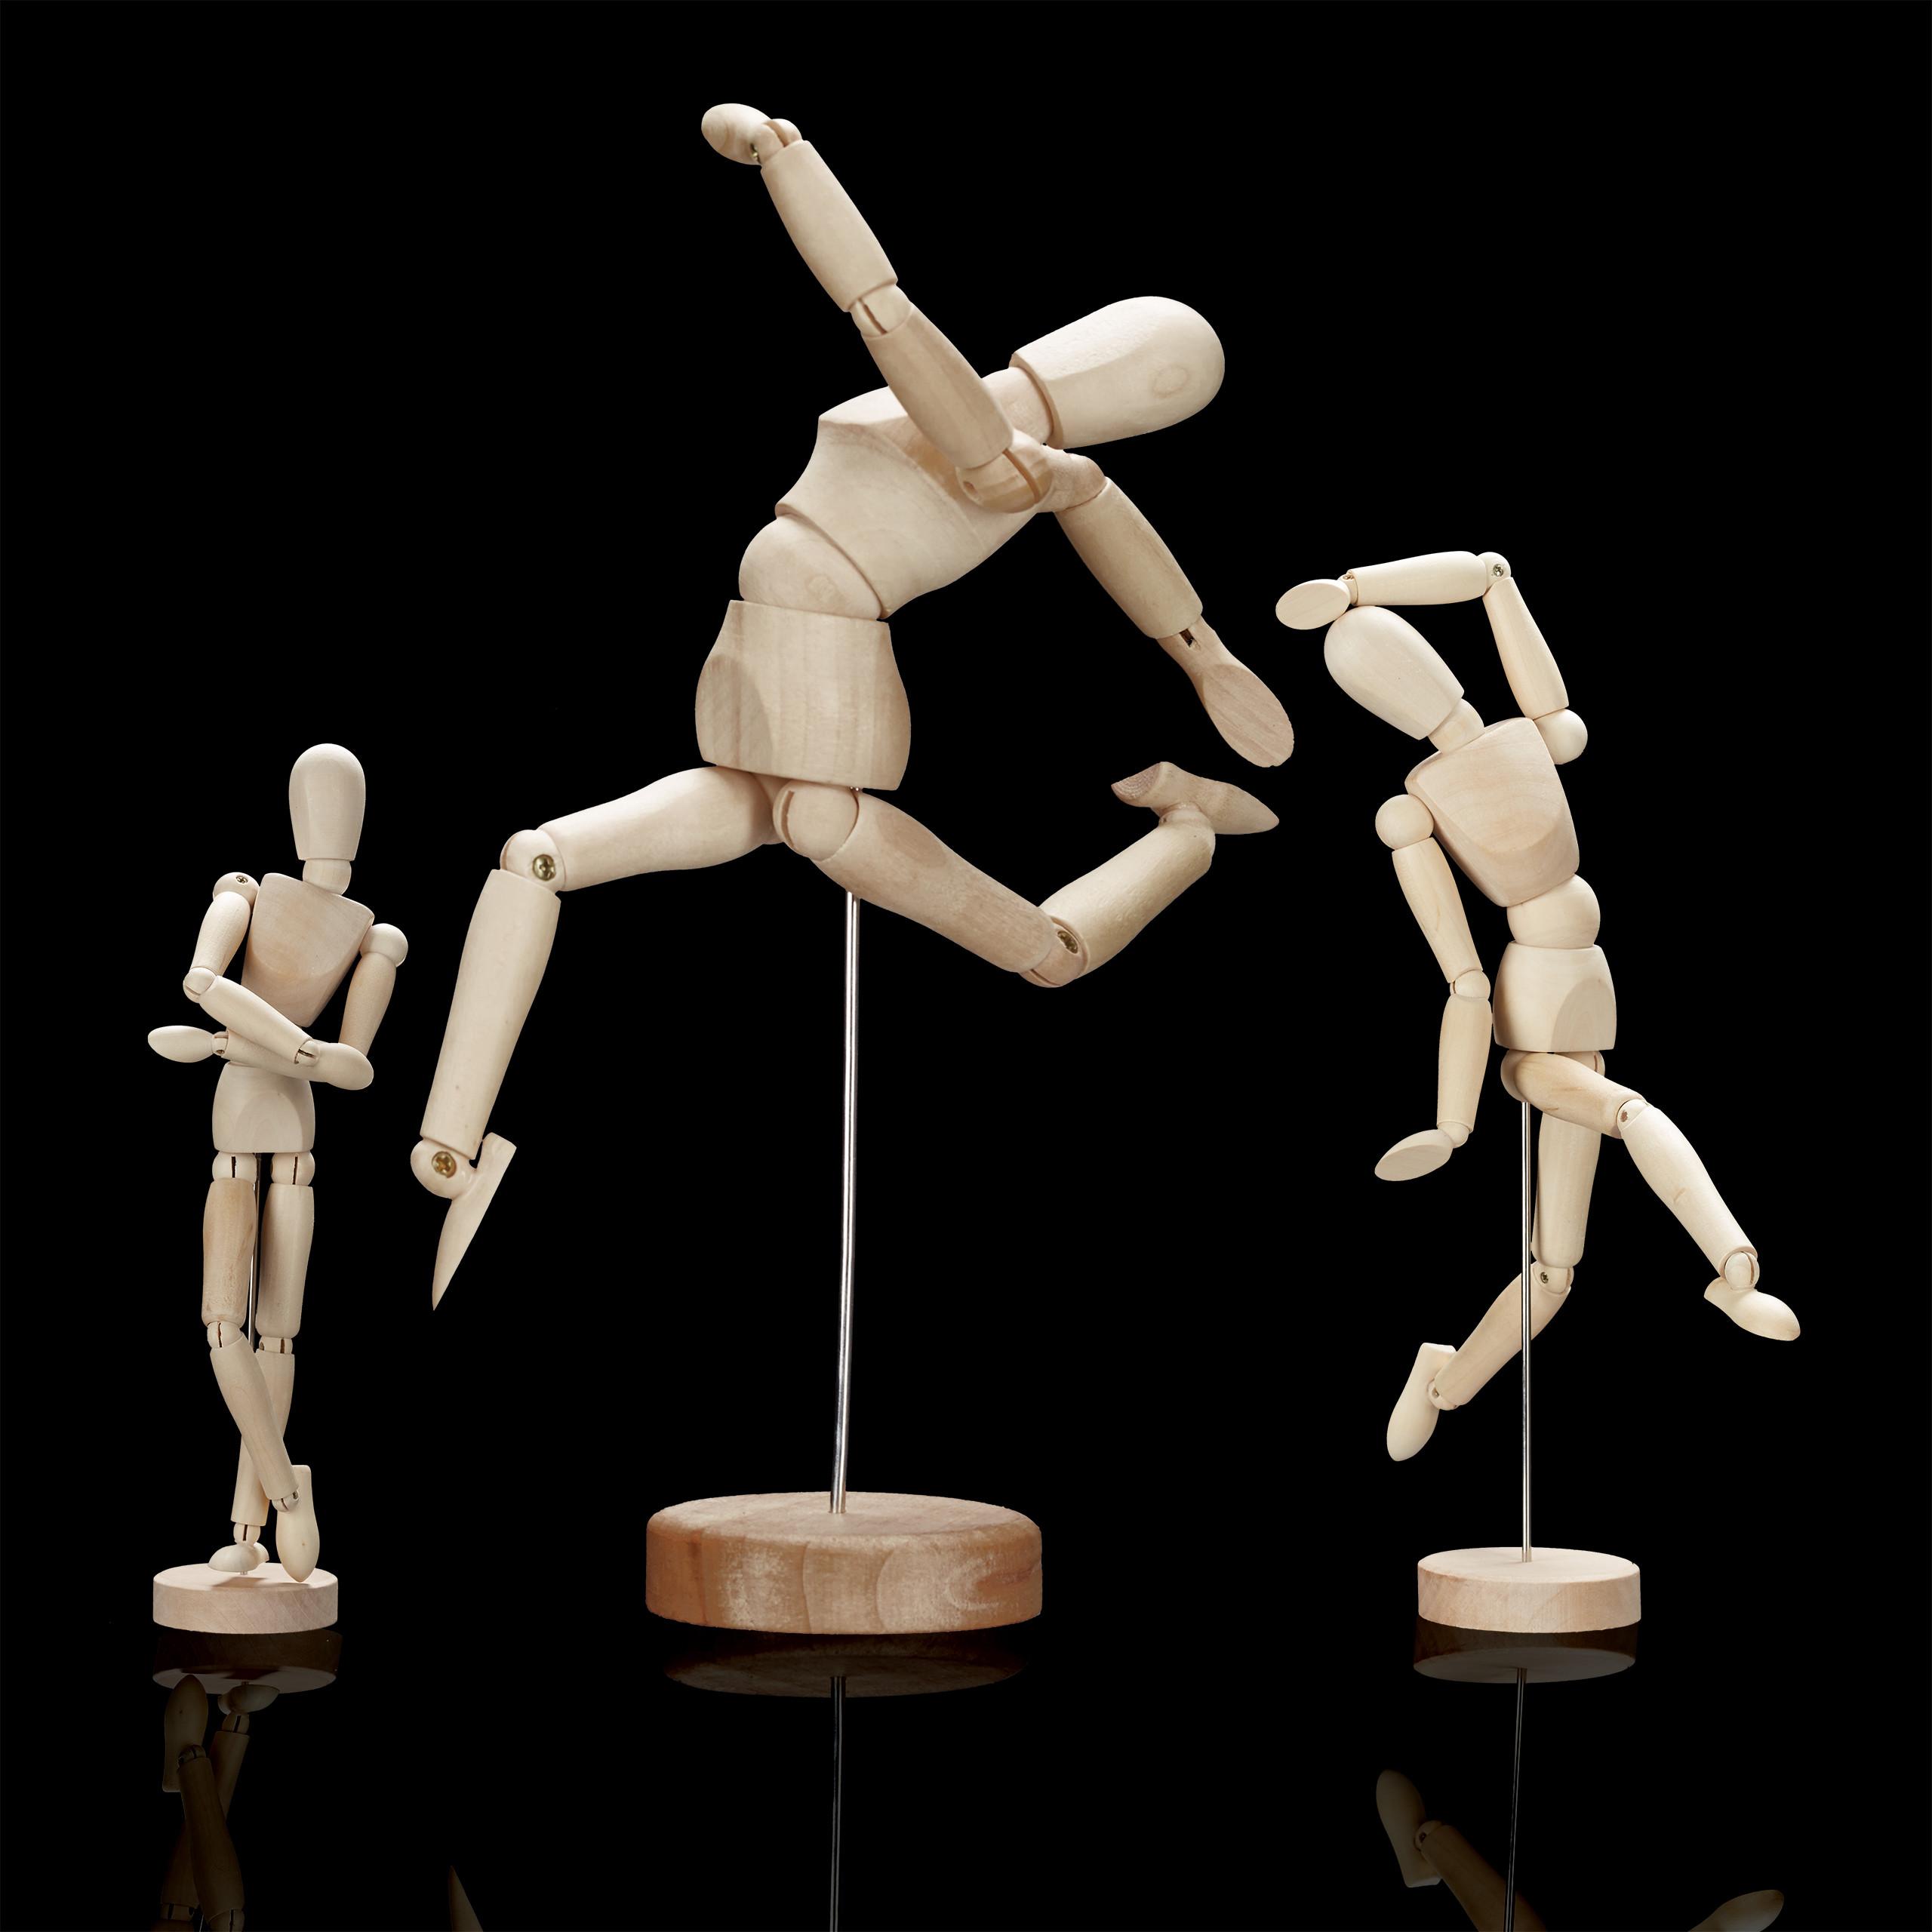 Gliederpuppe-Malhilfe-Malfigur-Holzpuppe-Modellpuppe-Zeichenpuppe-Gelenkpuppe Indexbild 4